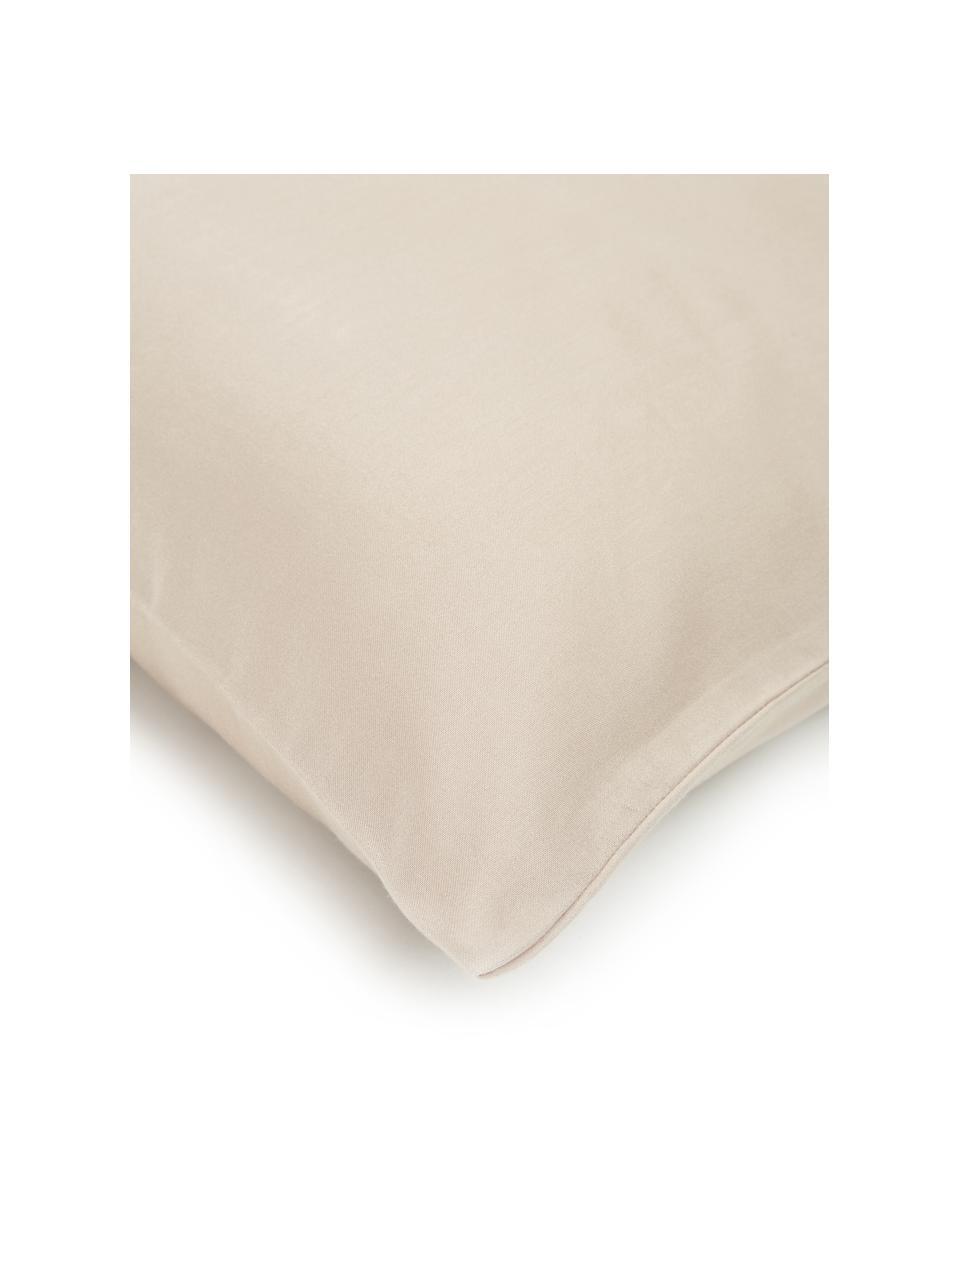 Baumwollsatin-Kopfkissenbezüge Comfort in Taupe, 2 Stück, Webart: Satin Fadendichte 250 TC,, Taupe, 40 x 80 cm